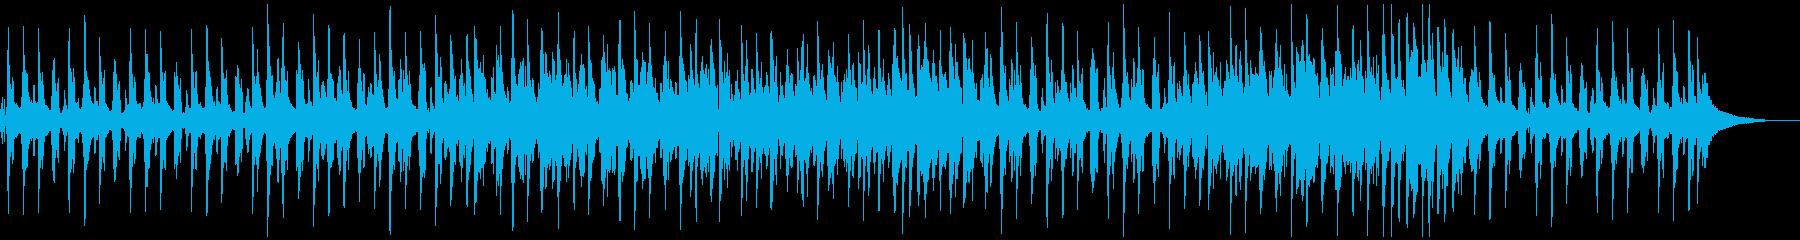 大正ロマン/レトロな雰囲気の3拍子ジャズの再生済みの波形